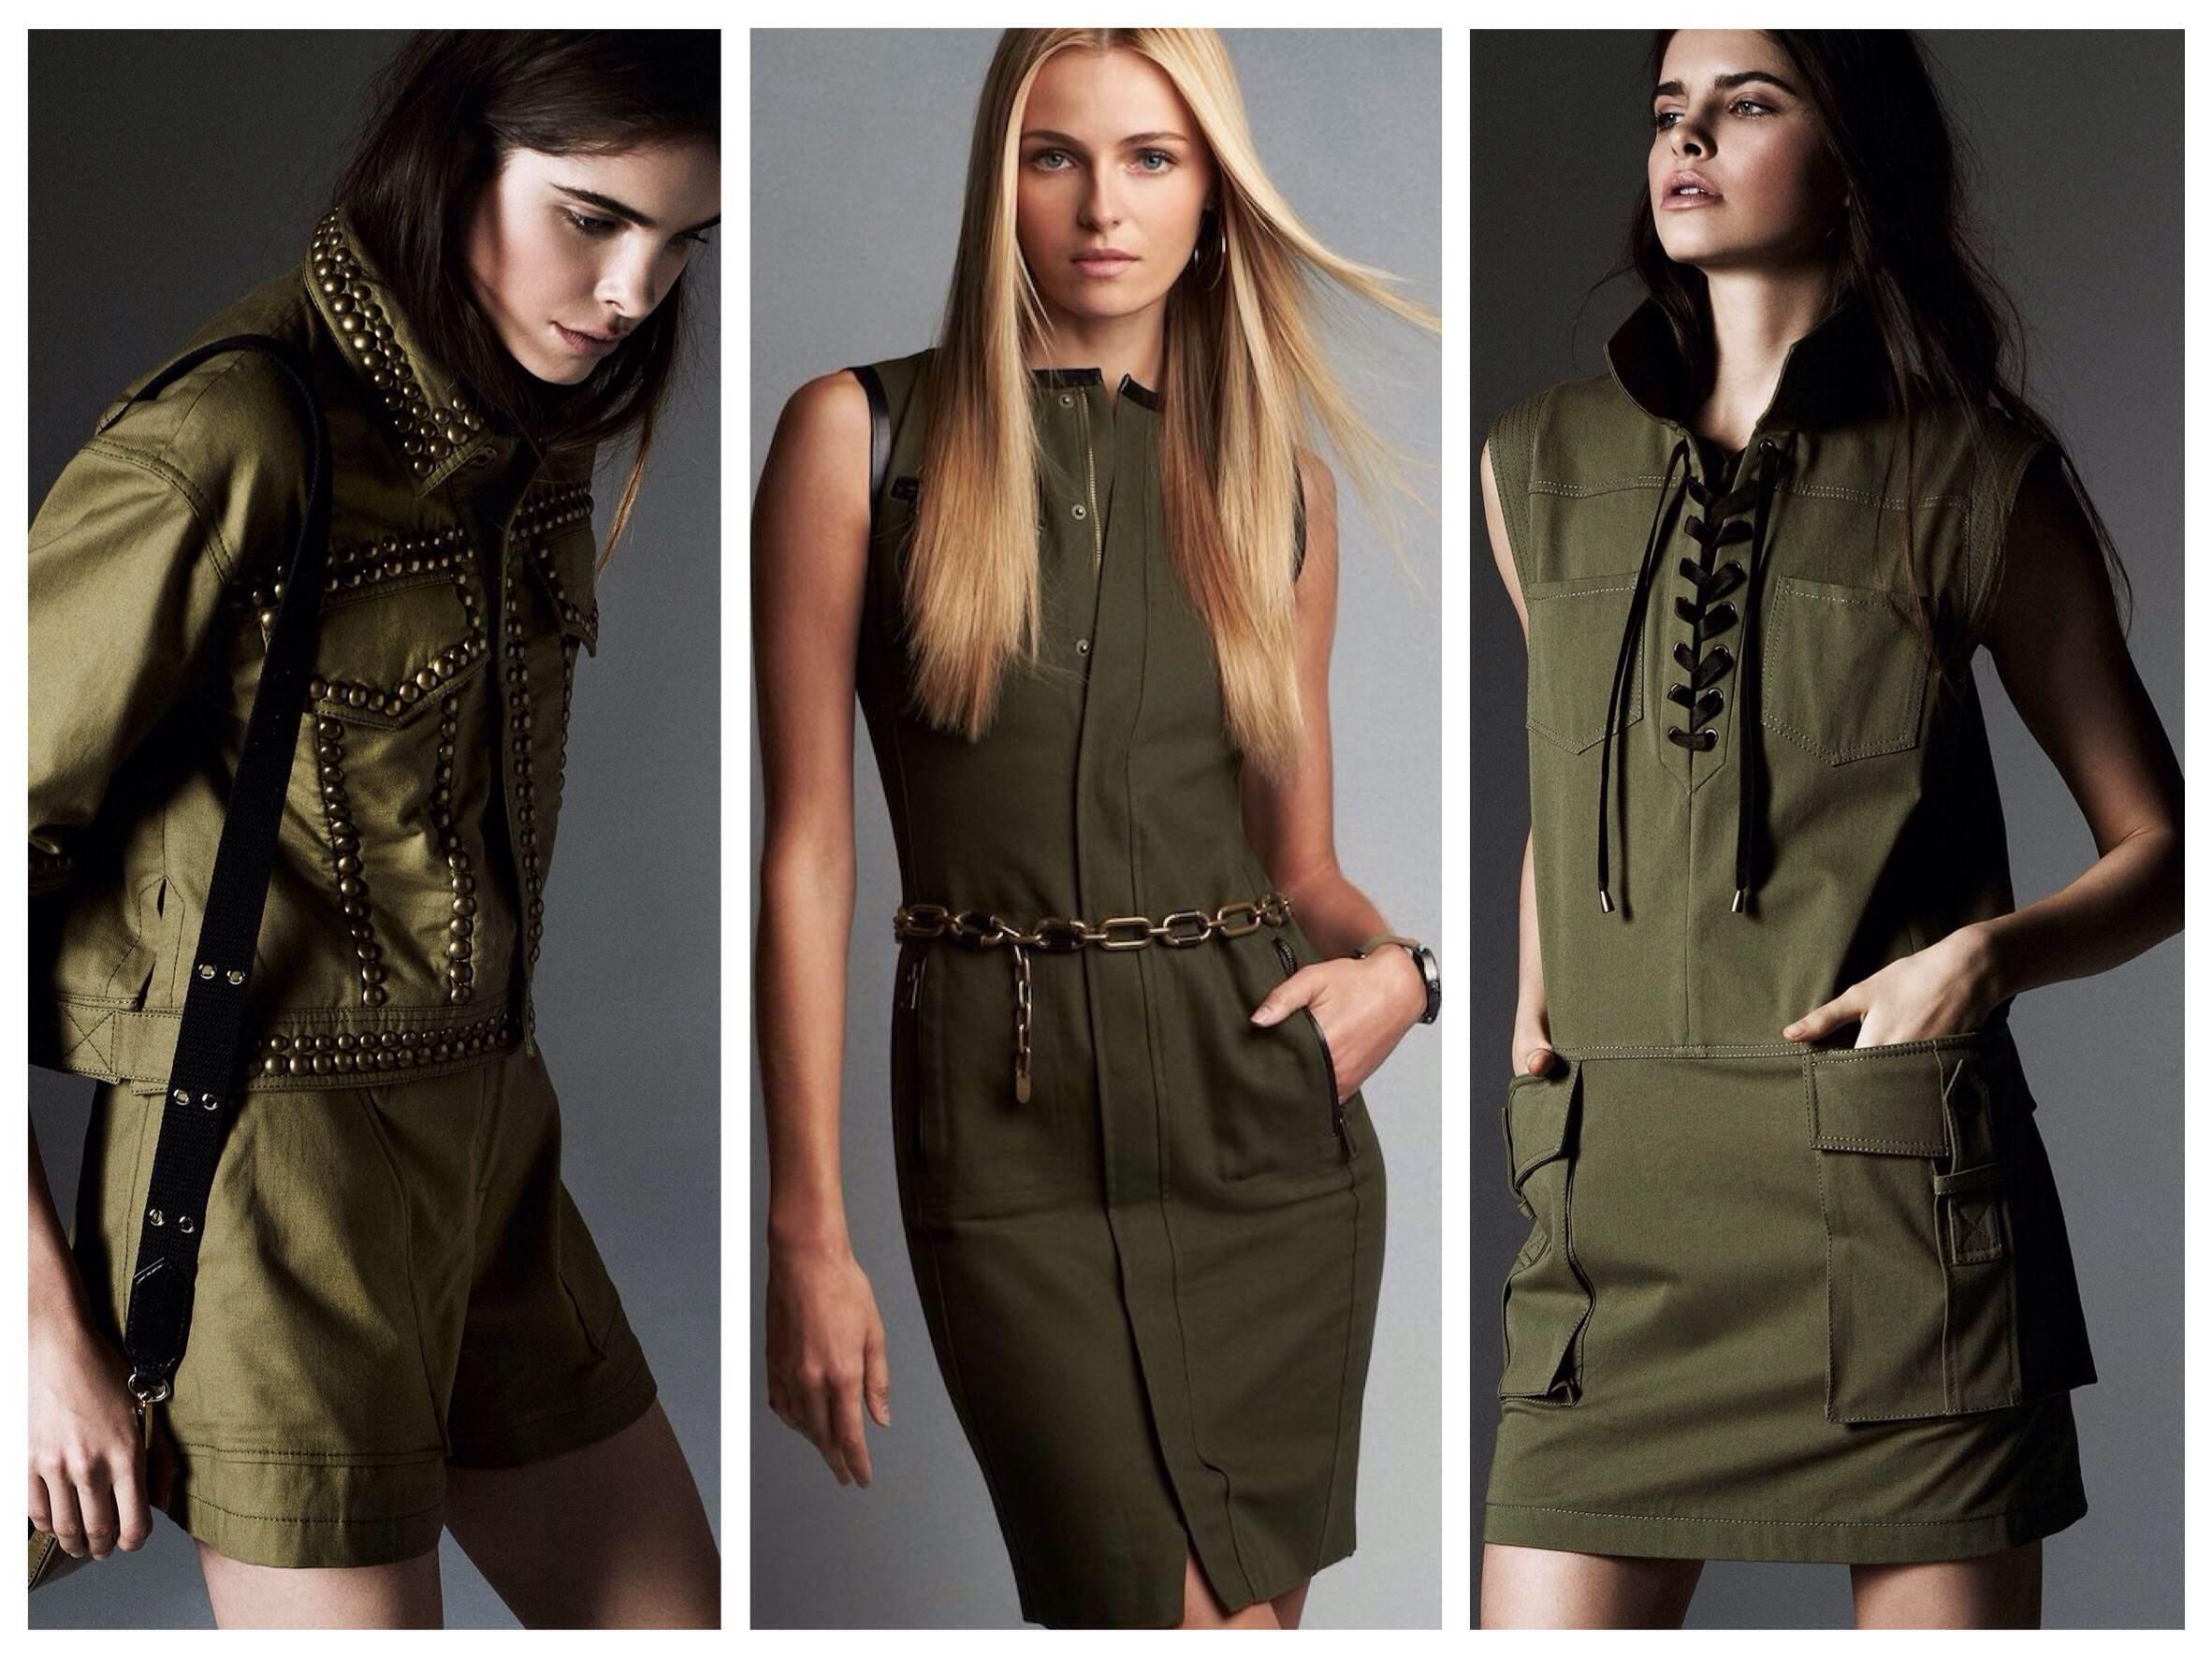 модный платья в стиле солдата Джей